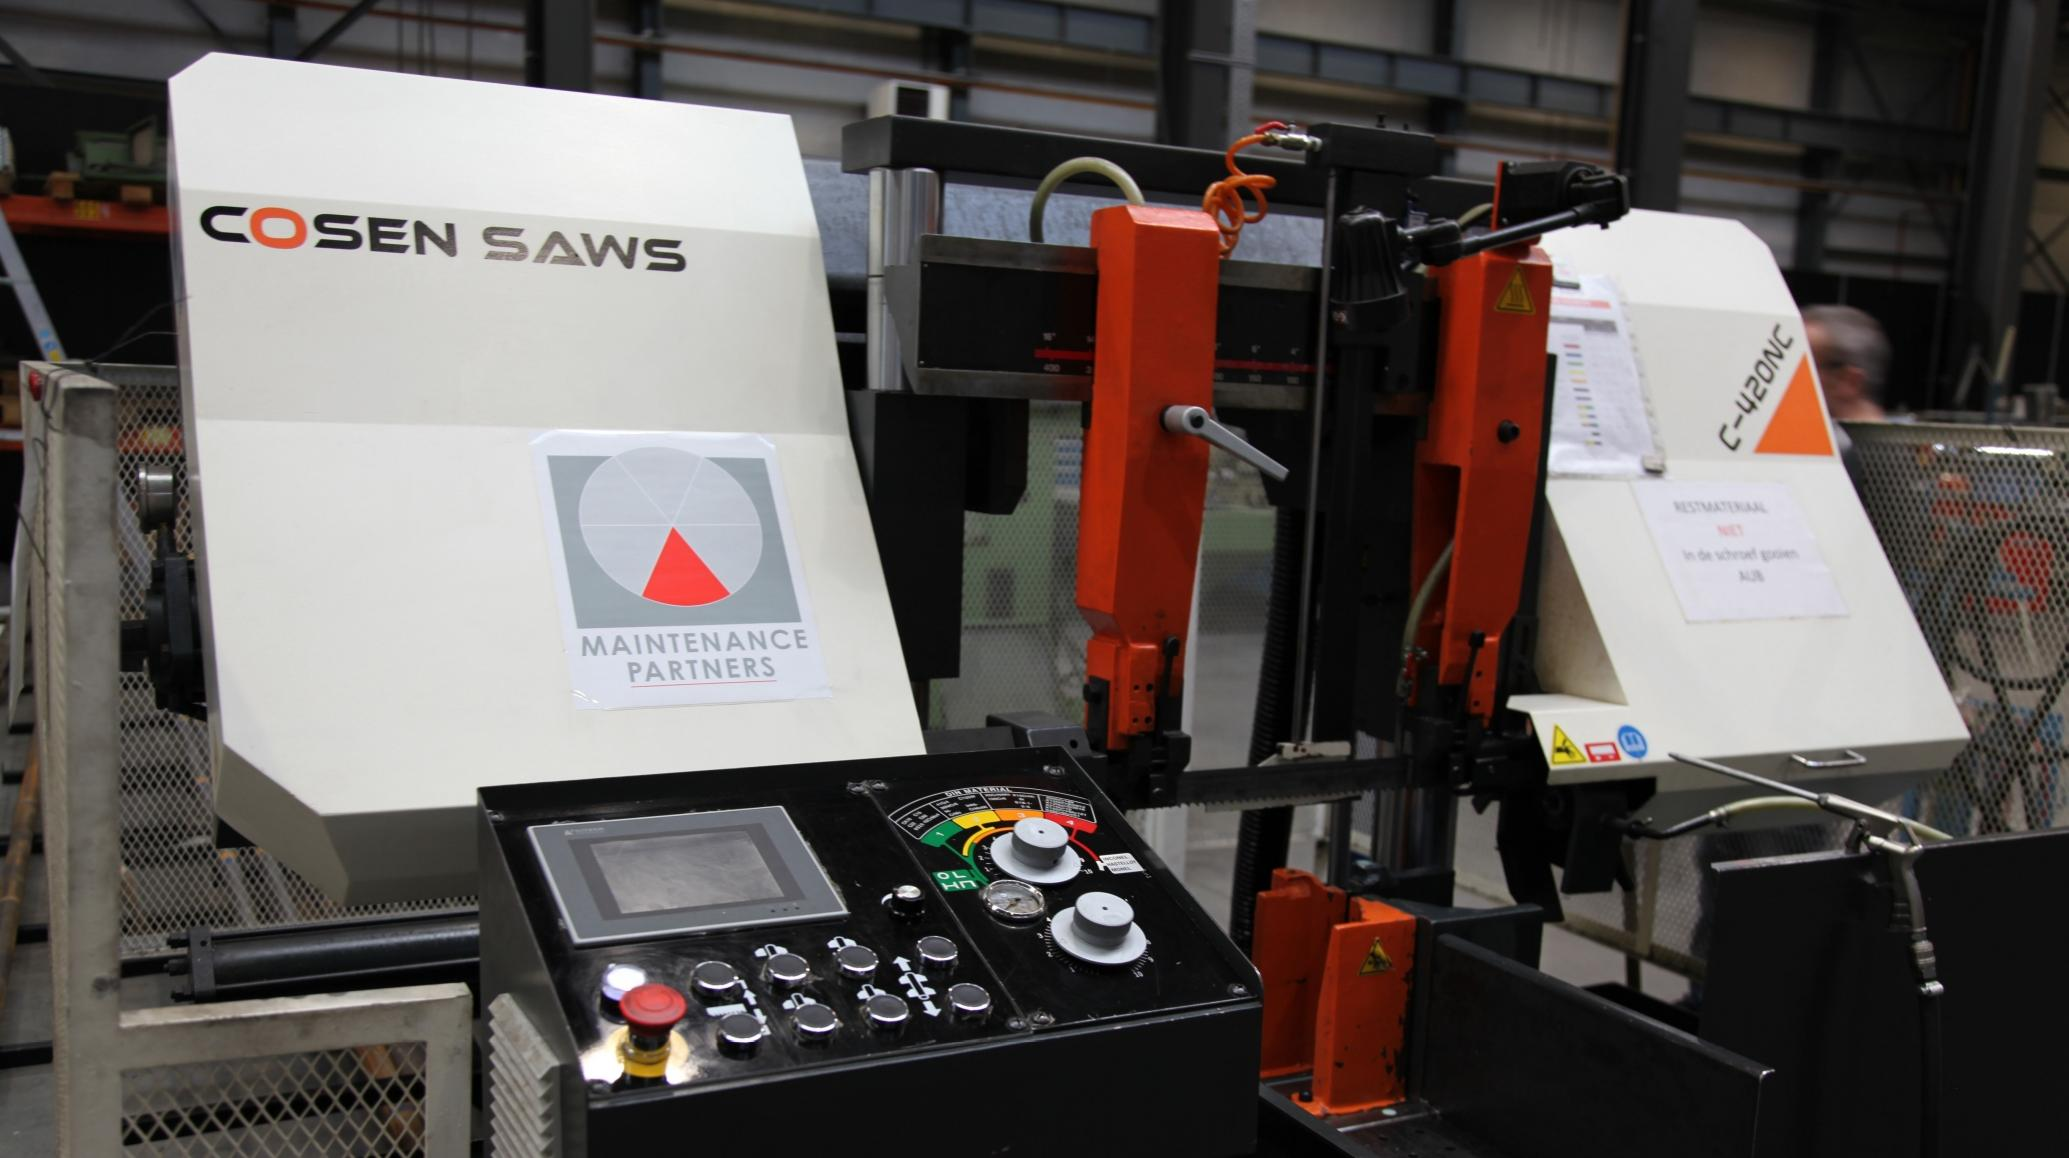 De nieuwe Cosen bandzaagmachine, geleverd door Buhlmann bij Maintenance Partners, is eenvoudig te bedienen